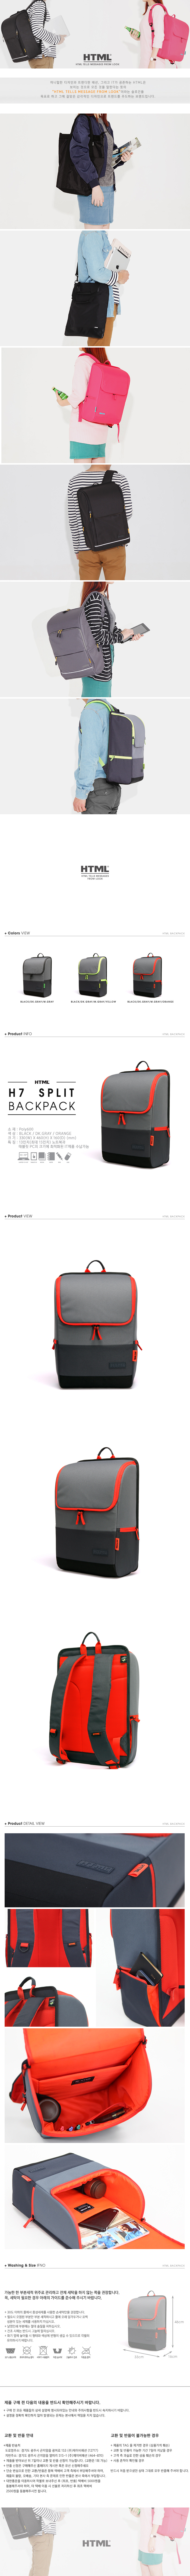 [에이치티엠엘]HTML-H7 SPLIT Backpack(Black/Dk.gray/Orange)_백팩